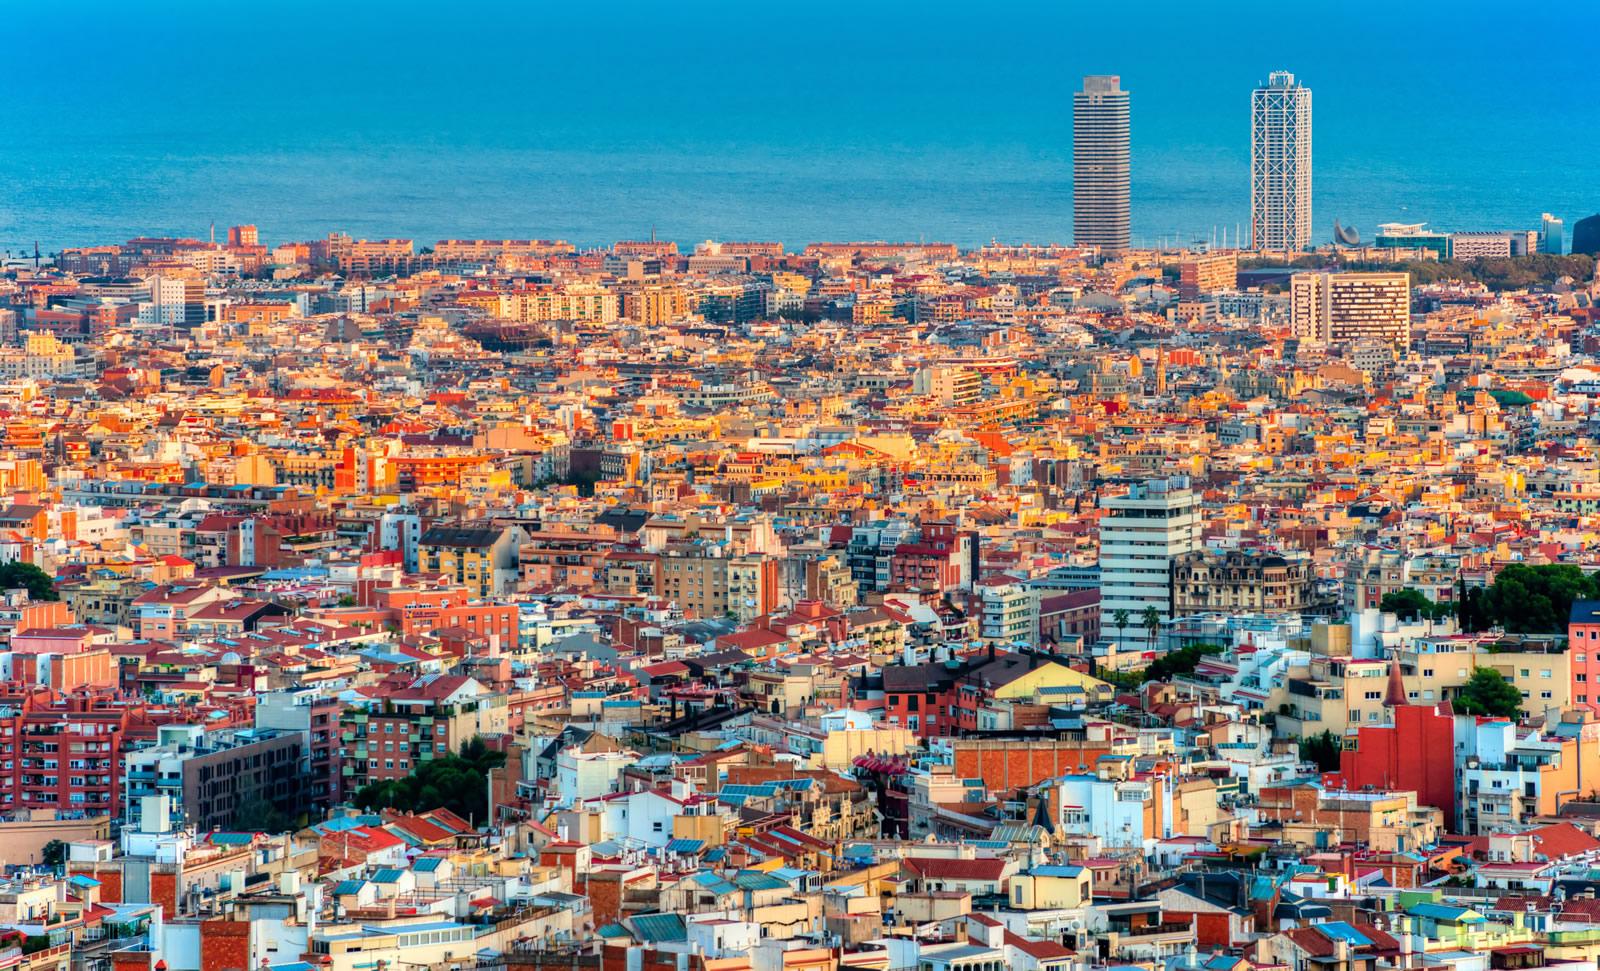 achat-appartement-barcelone-vue-du-ciel